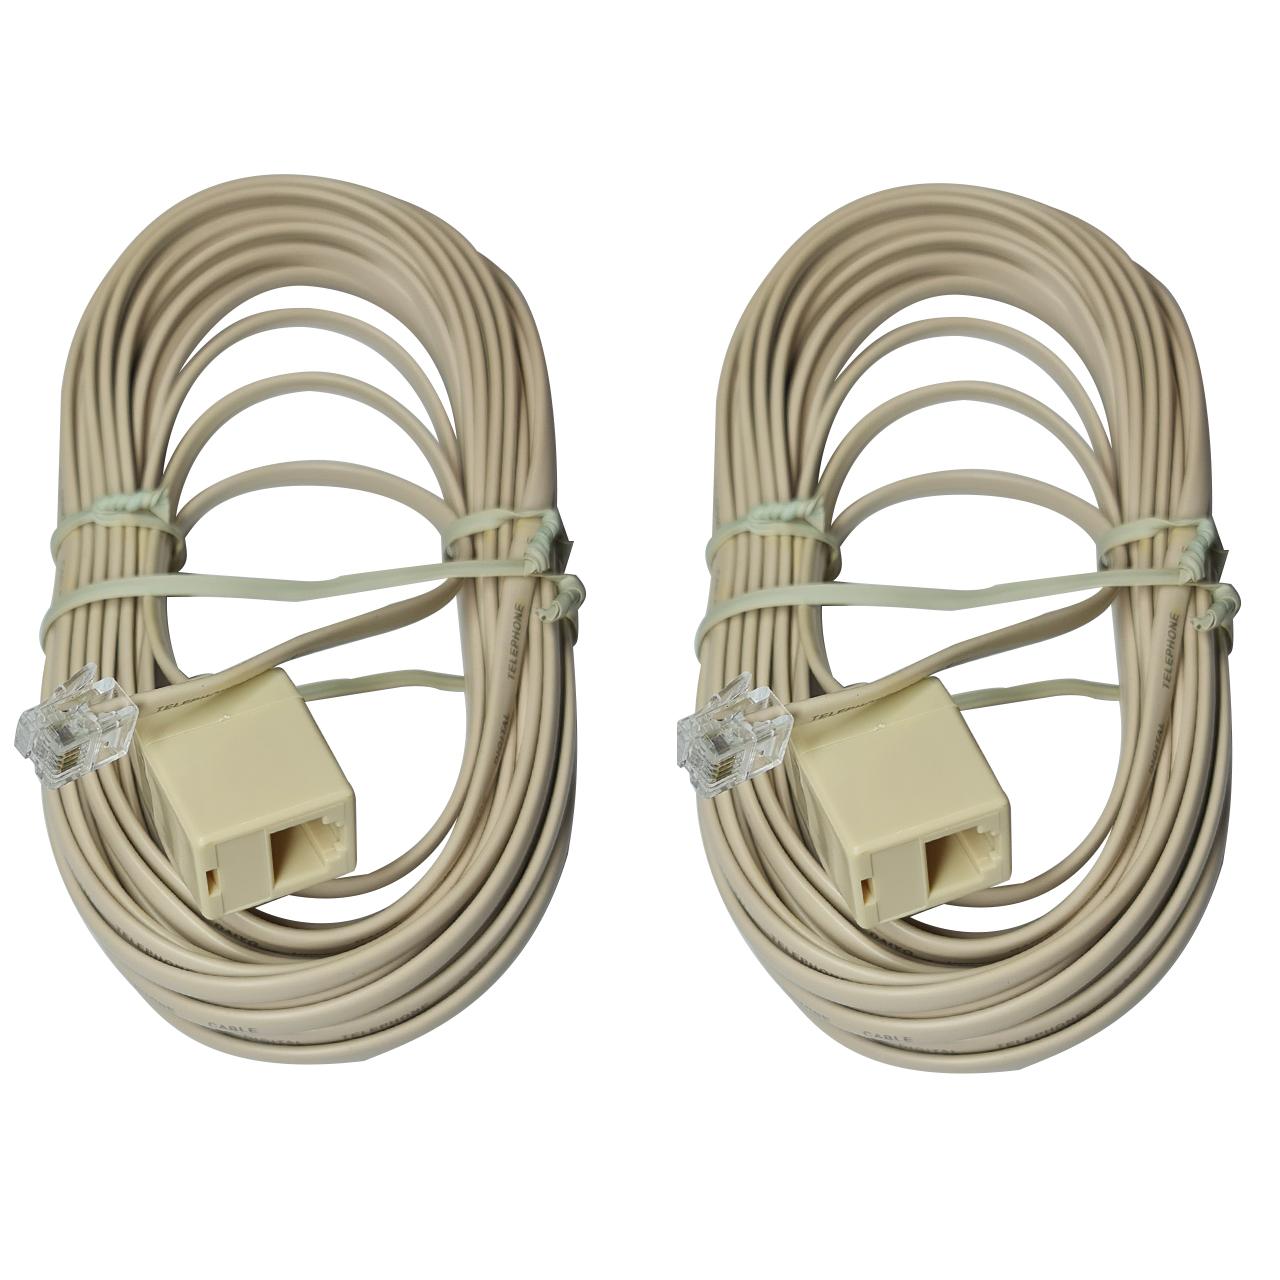 کابل افزایش طول تلفن دایو مدل DT8108 به طول 8 متر بسته دو عددی